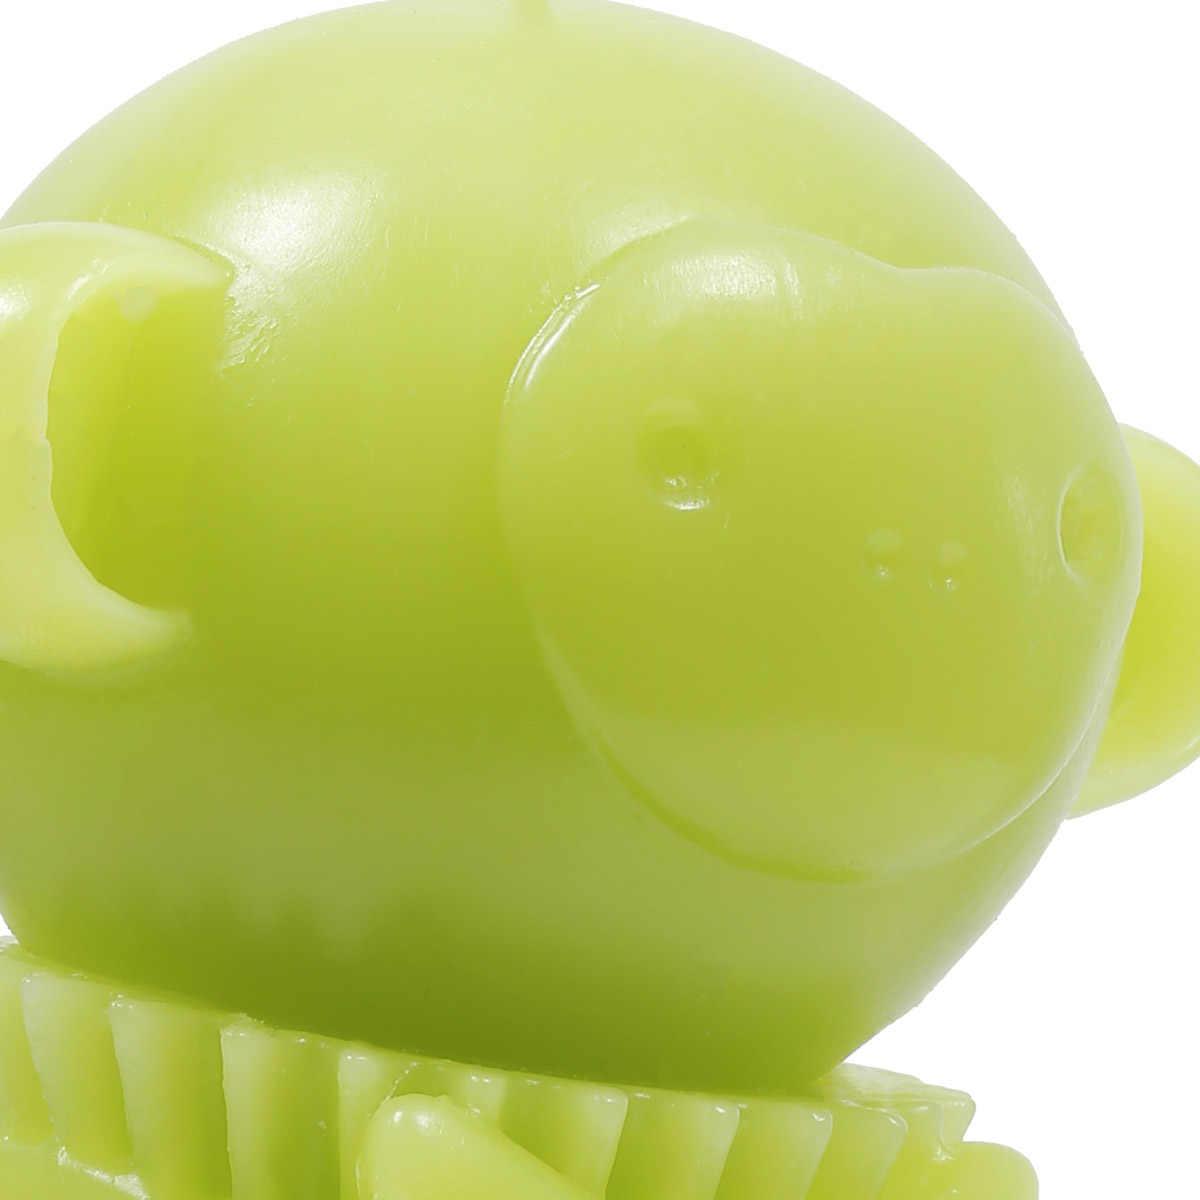 Tooarts Свеча ароматическая Свечи зеленая обезьяна tomfeel животного Скелет Домашний Декор Воск натуральный хлопок фитиль на день рождения свечи Декор